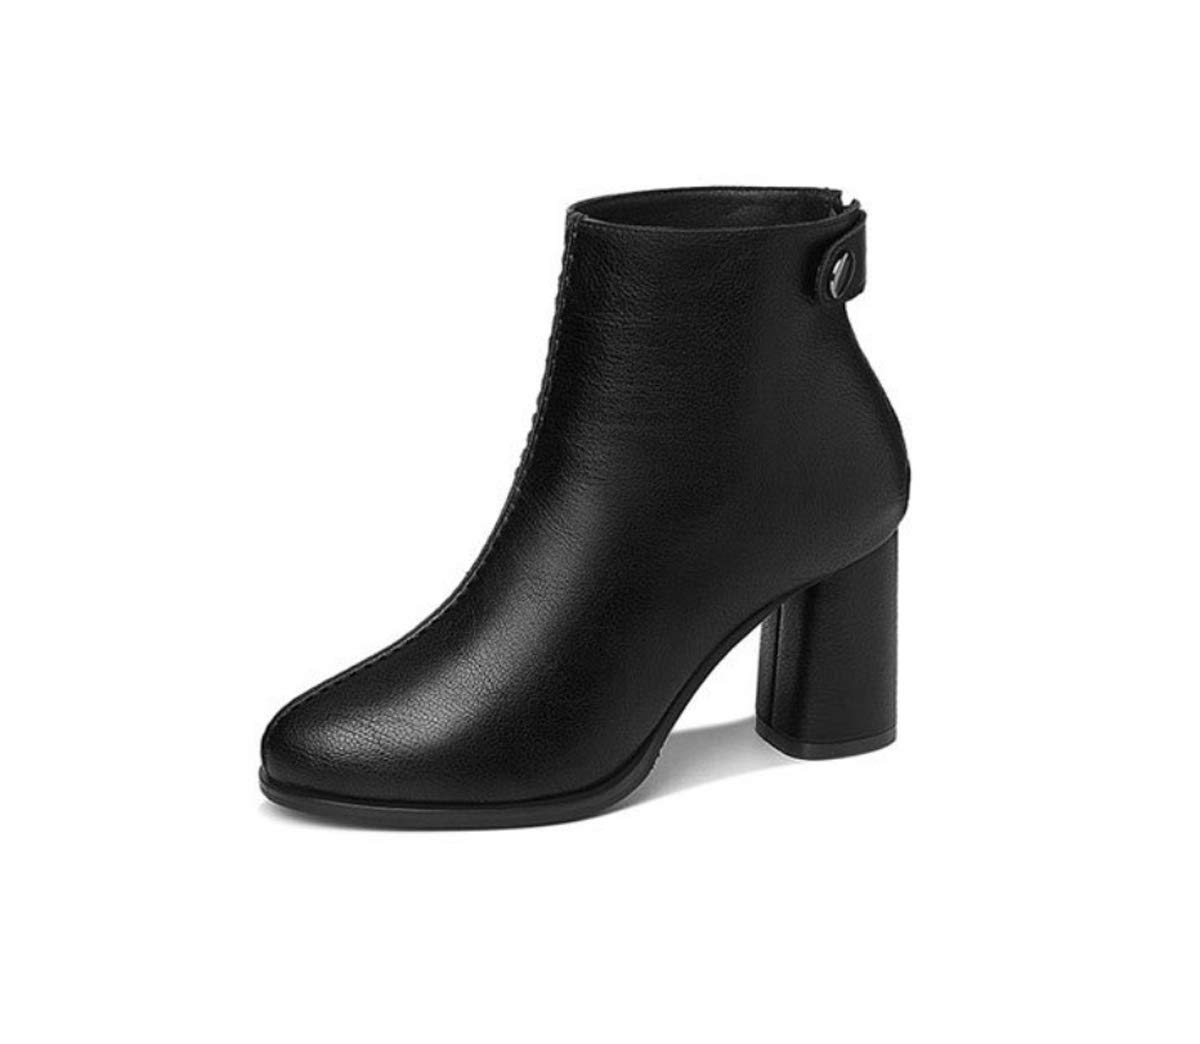 DANDANJIE Stiefel für Frauen Damen Chunky Heel Zipper Ankle Stiefel Stiefel Stiefel Mode britischen Stil Stiefelies für 2018 Herbst Winter  9aef58